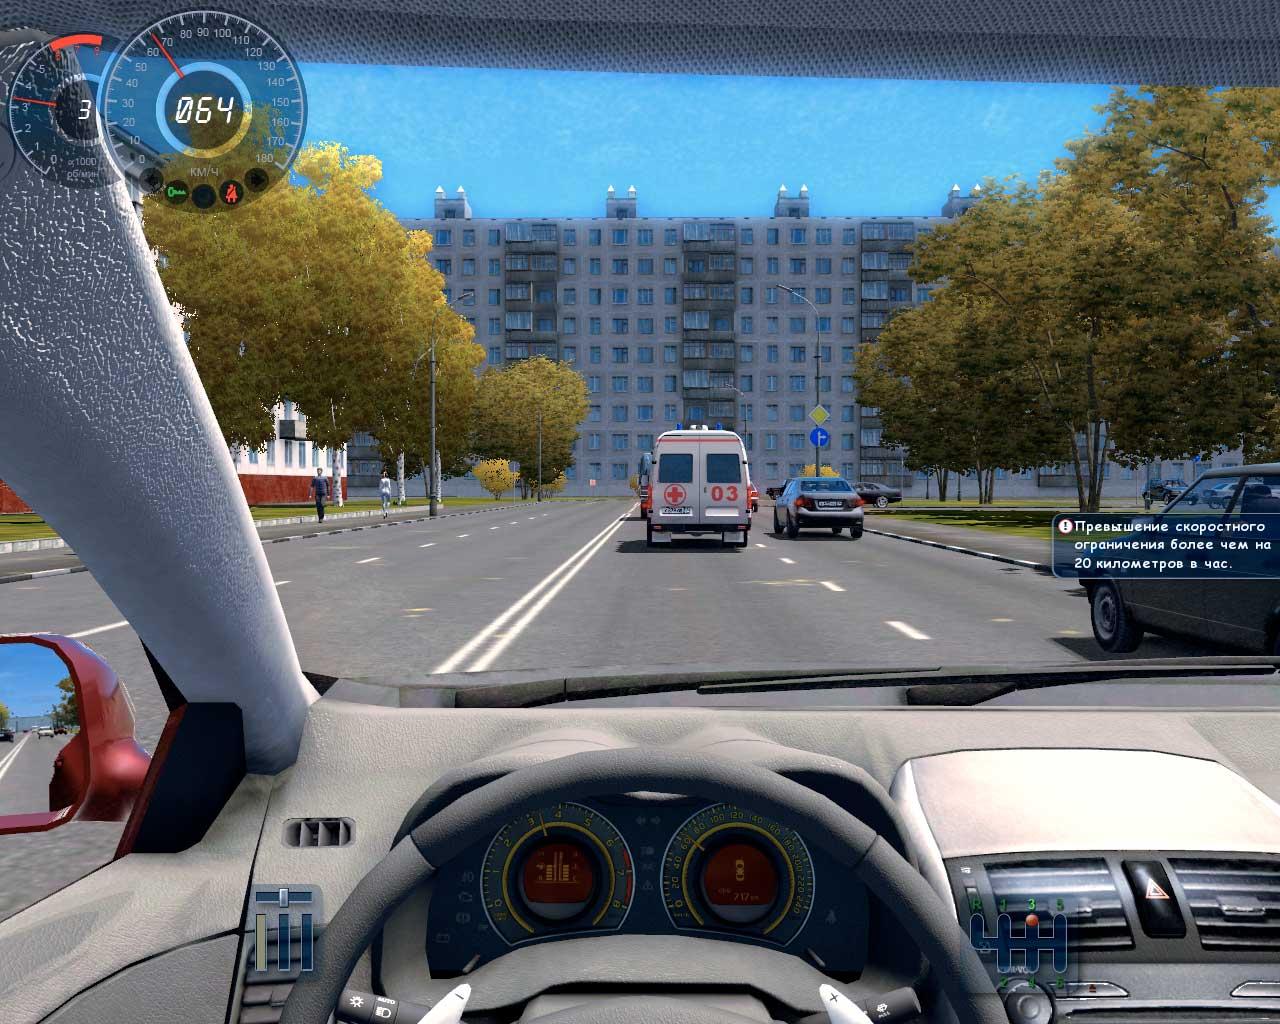 Смотреть онлайн бесплатно инструктор по вождению автомобиля эротика 24 фотография